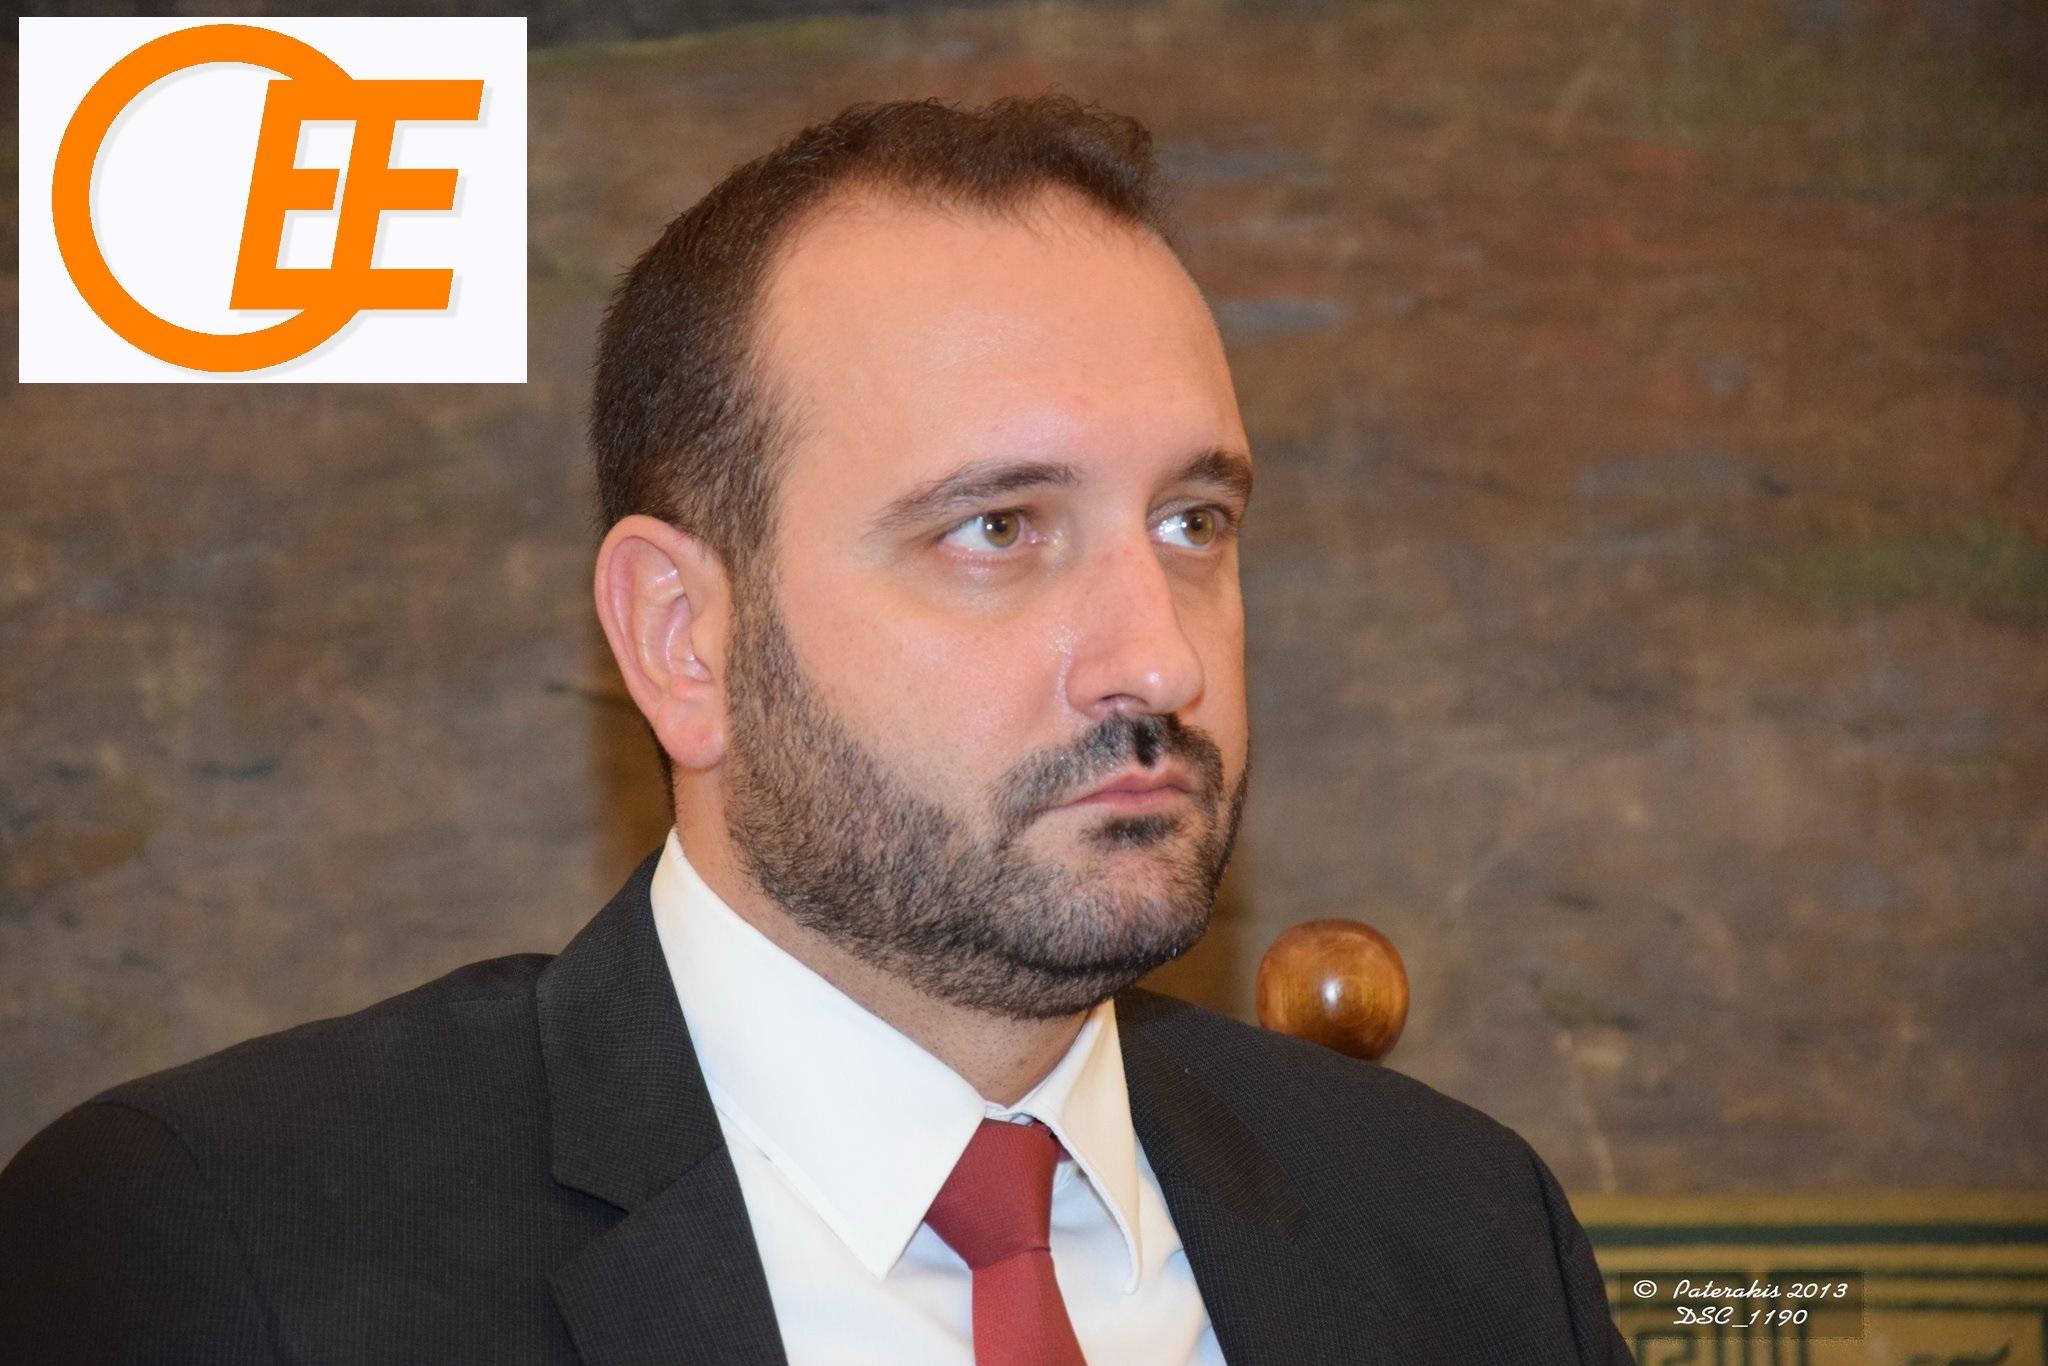 Πρόεδρος ΟΕΕ: Να παραταθεί η προστασία της πρώτης κατοικίας